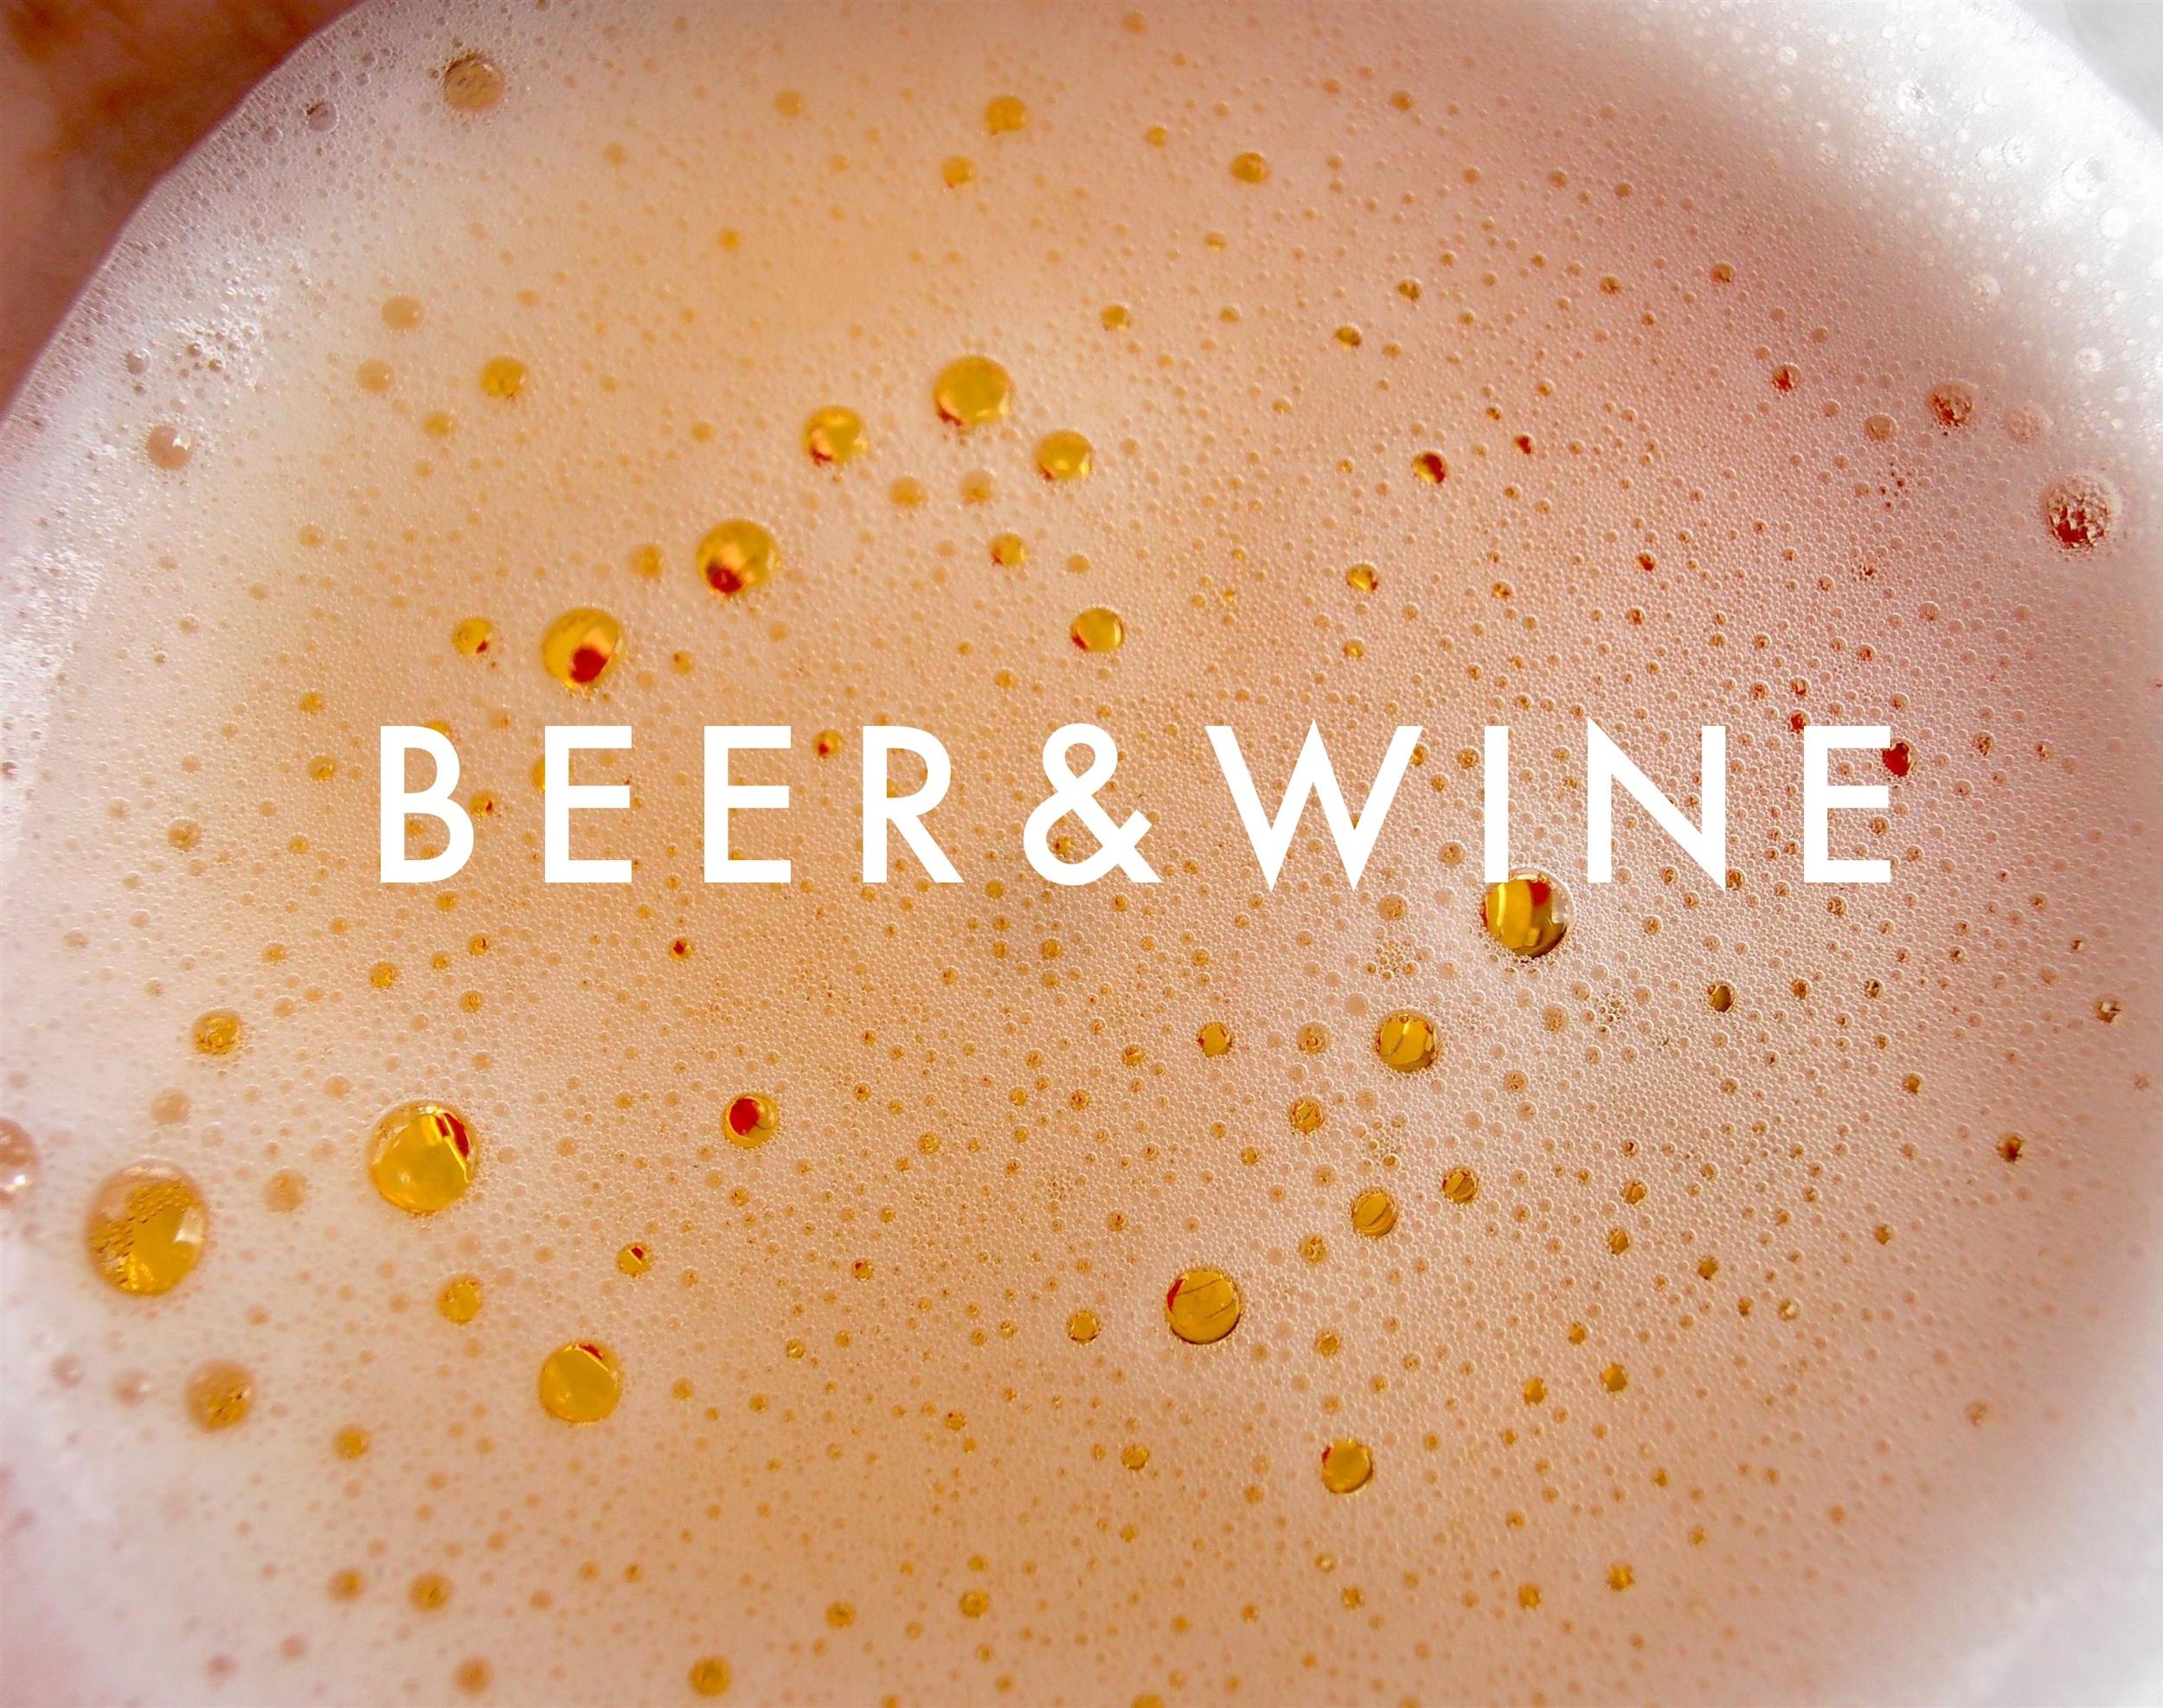 BEER & WINE 2.jpg